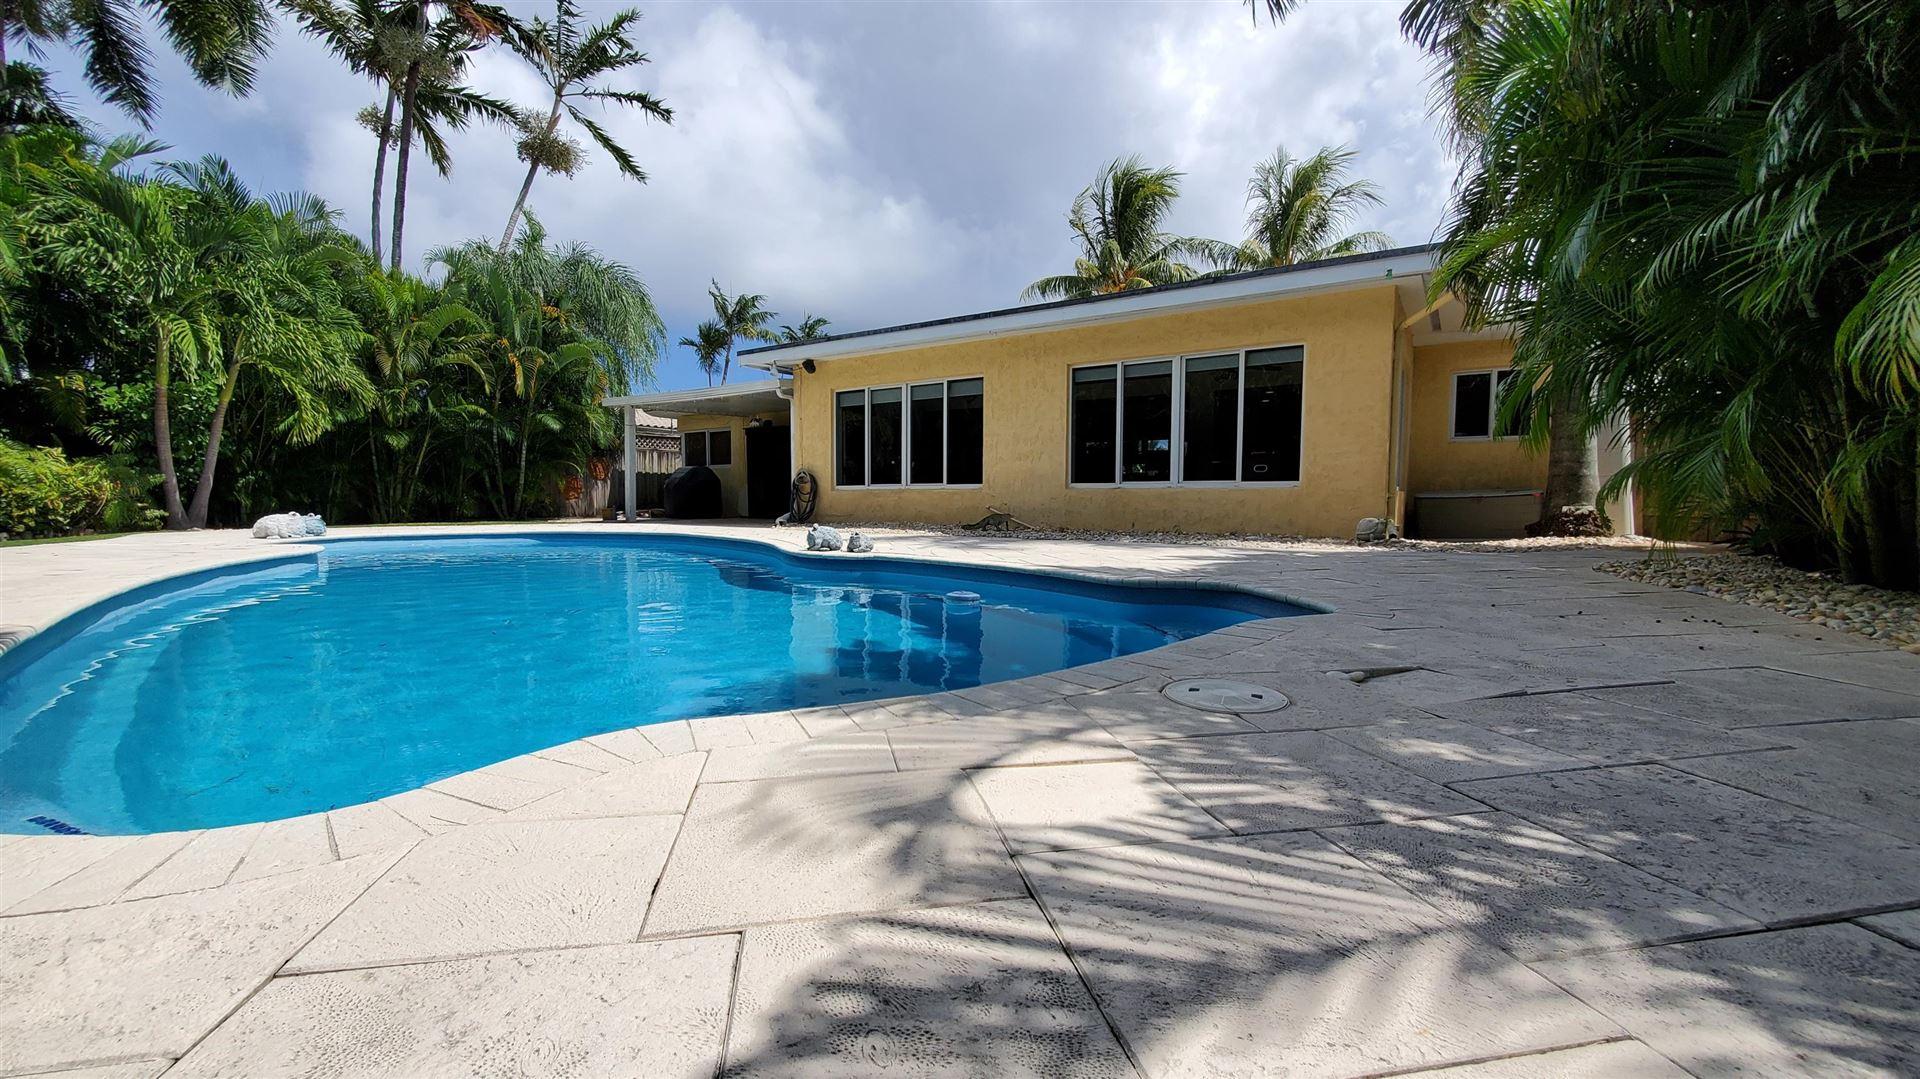 2101 NE 15th Street, Fort Lauderdale, FL 33304 - MLS#: RX-10739329